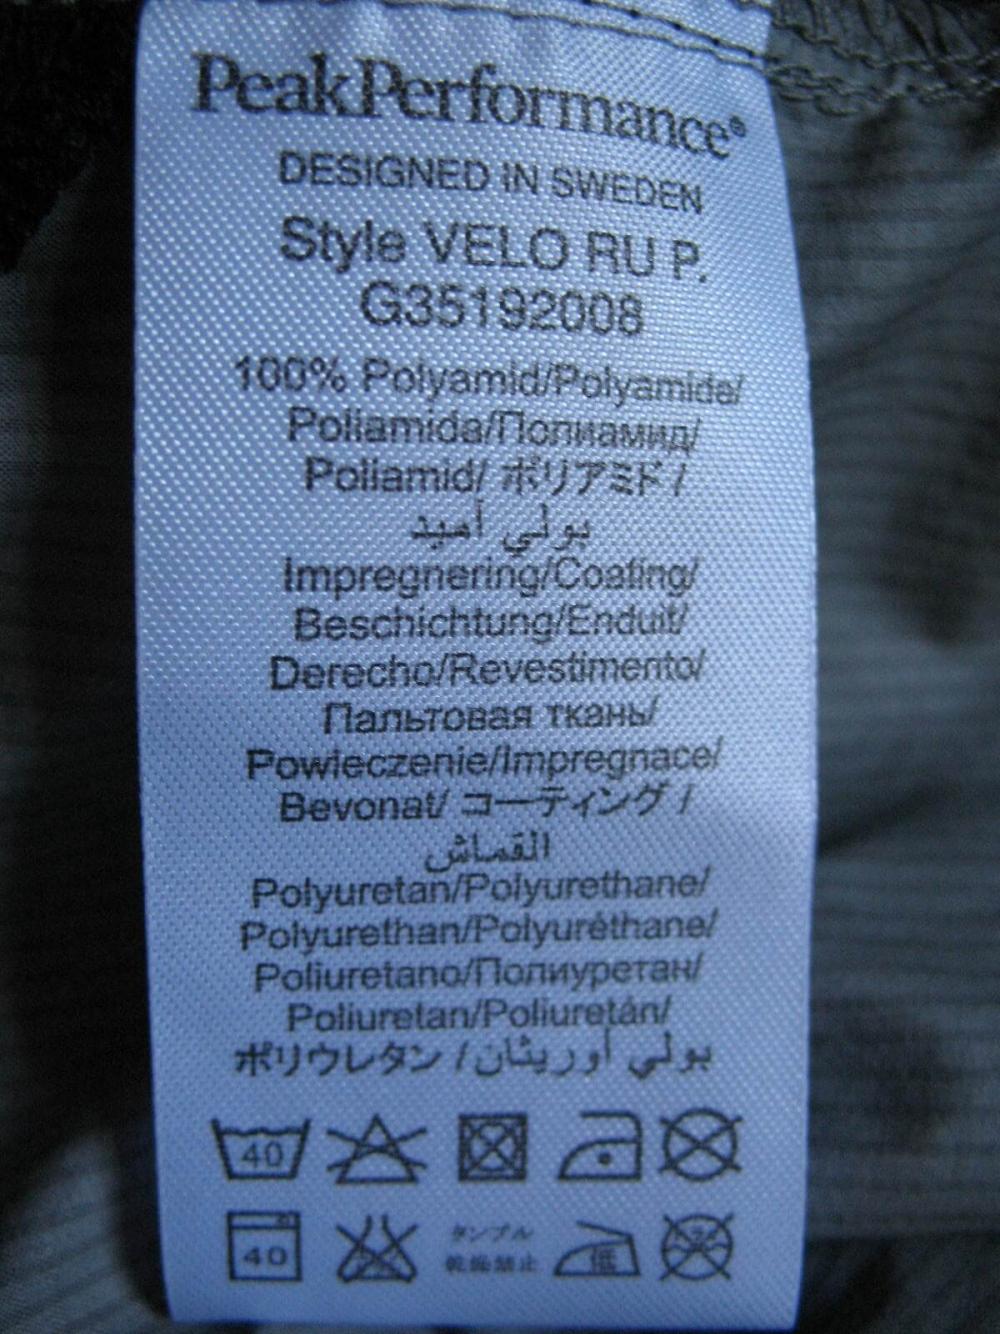 Штаны PEAK PERFOMANCE ultralight pants (размер M/L) - 6